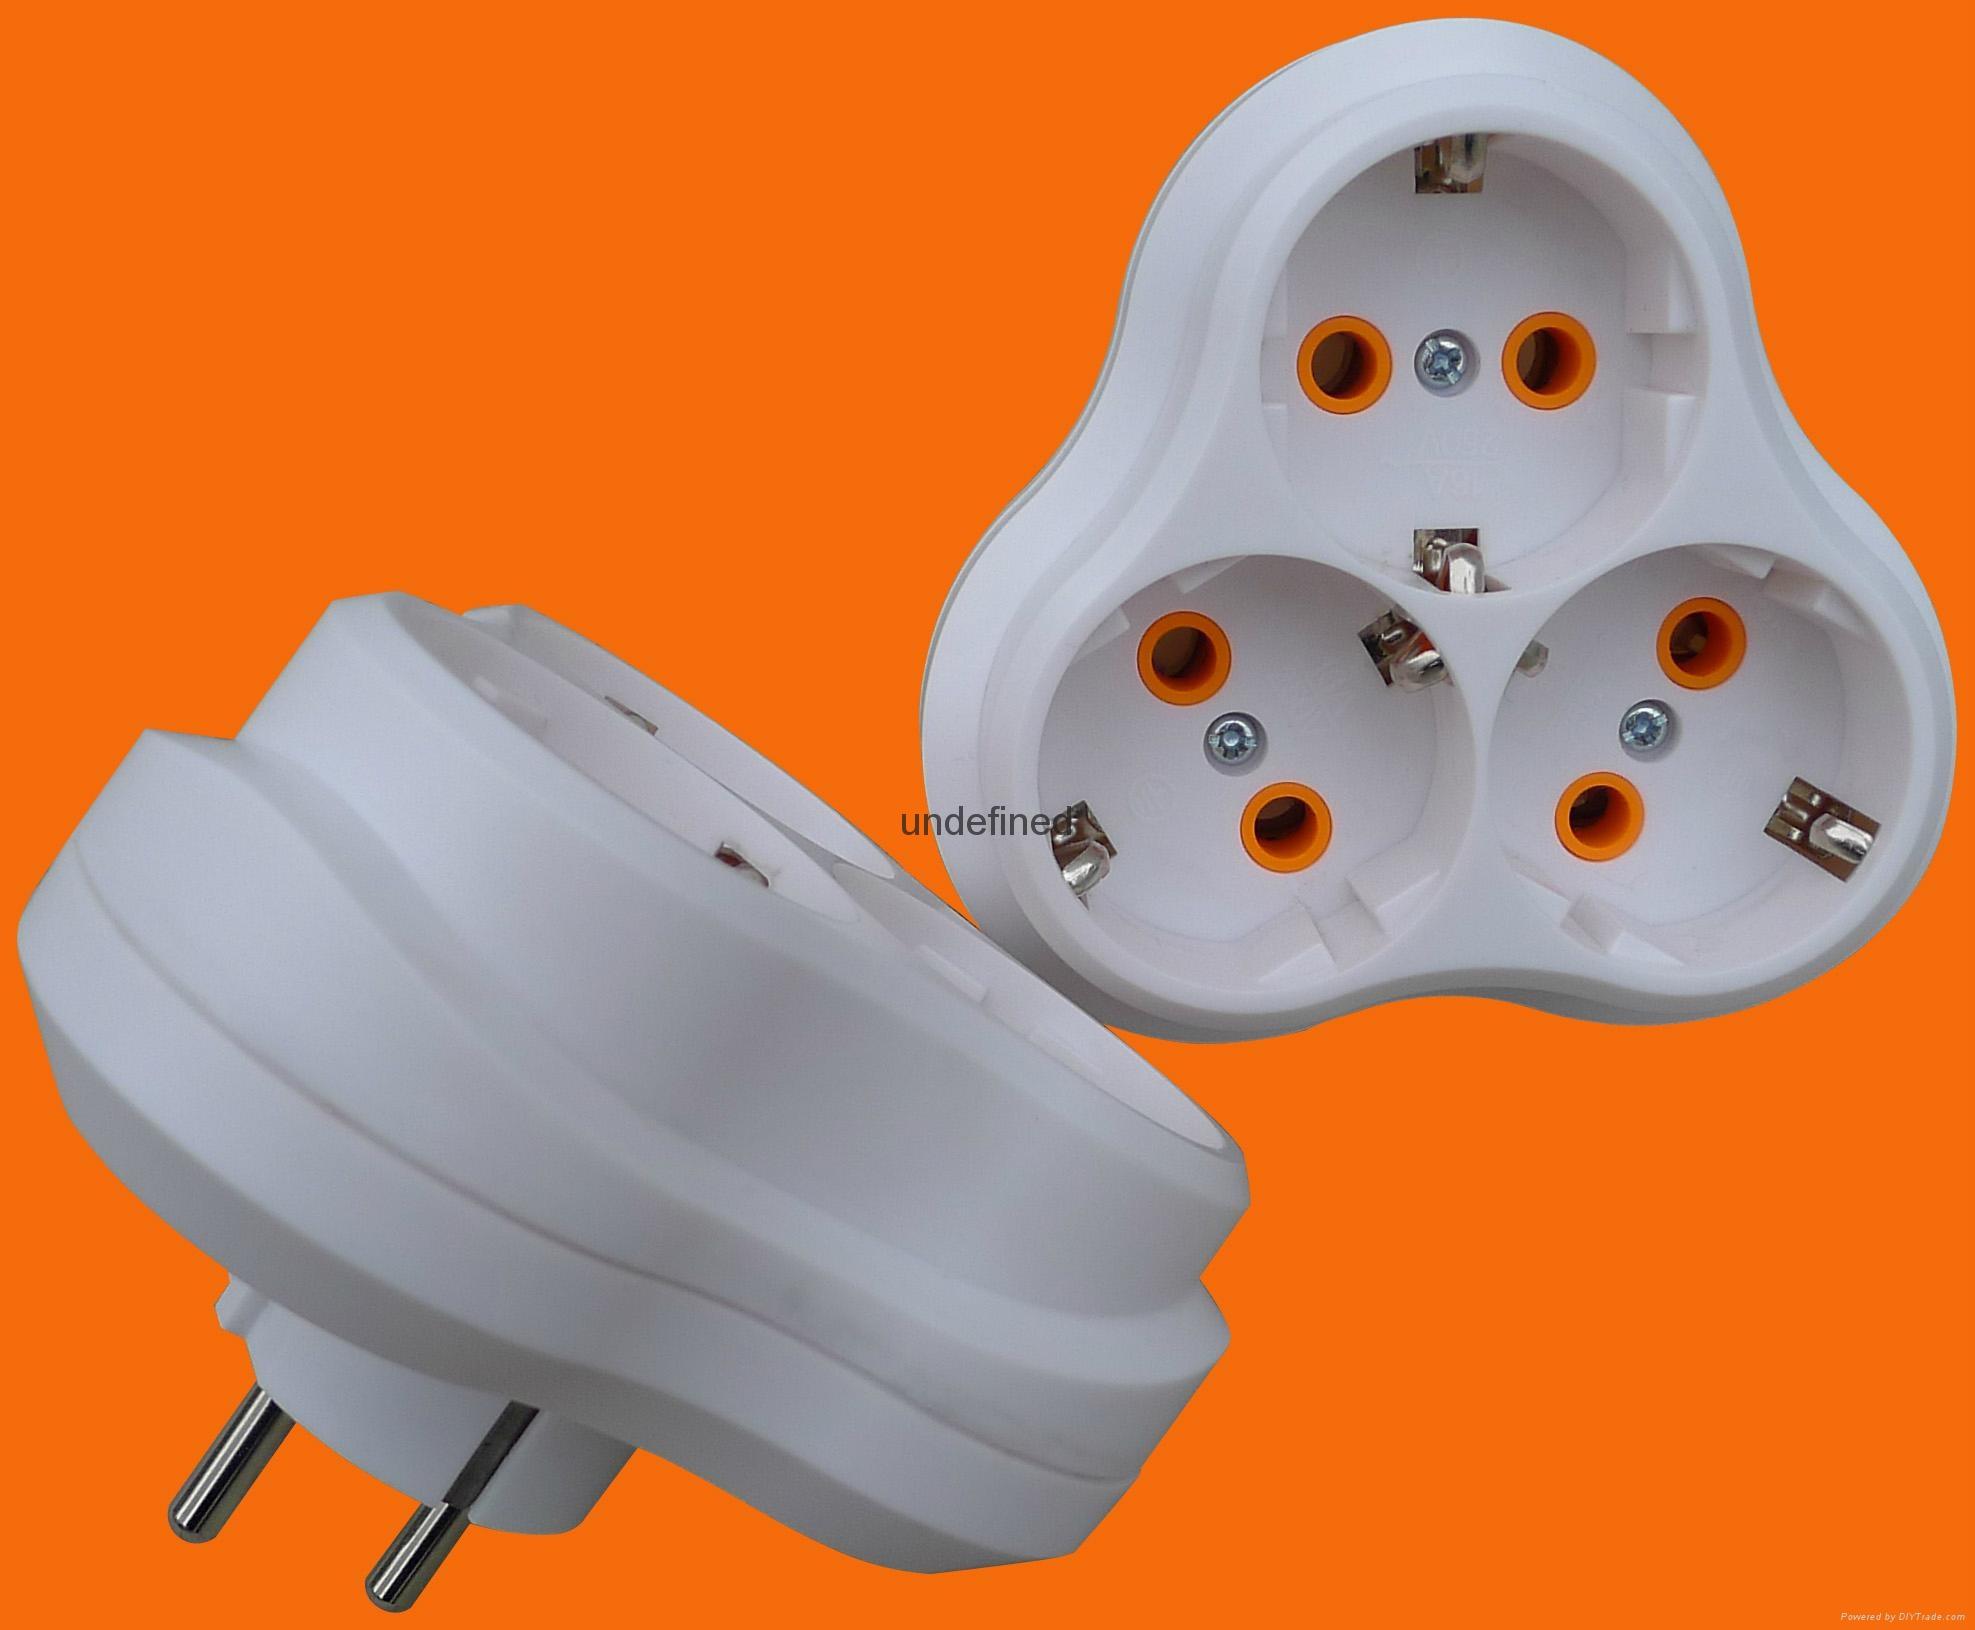 2 Round Pin Power Adapter 5